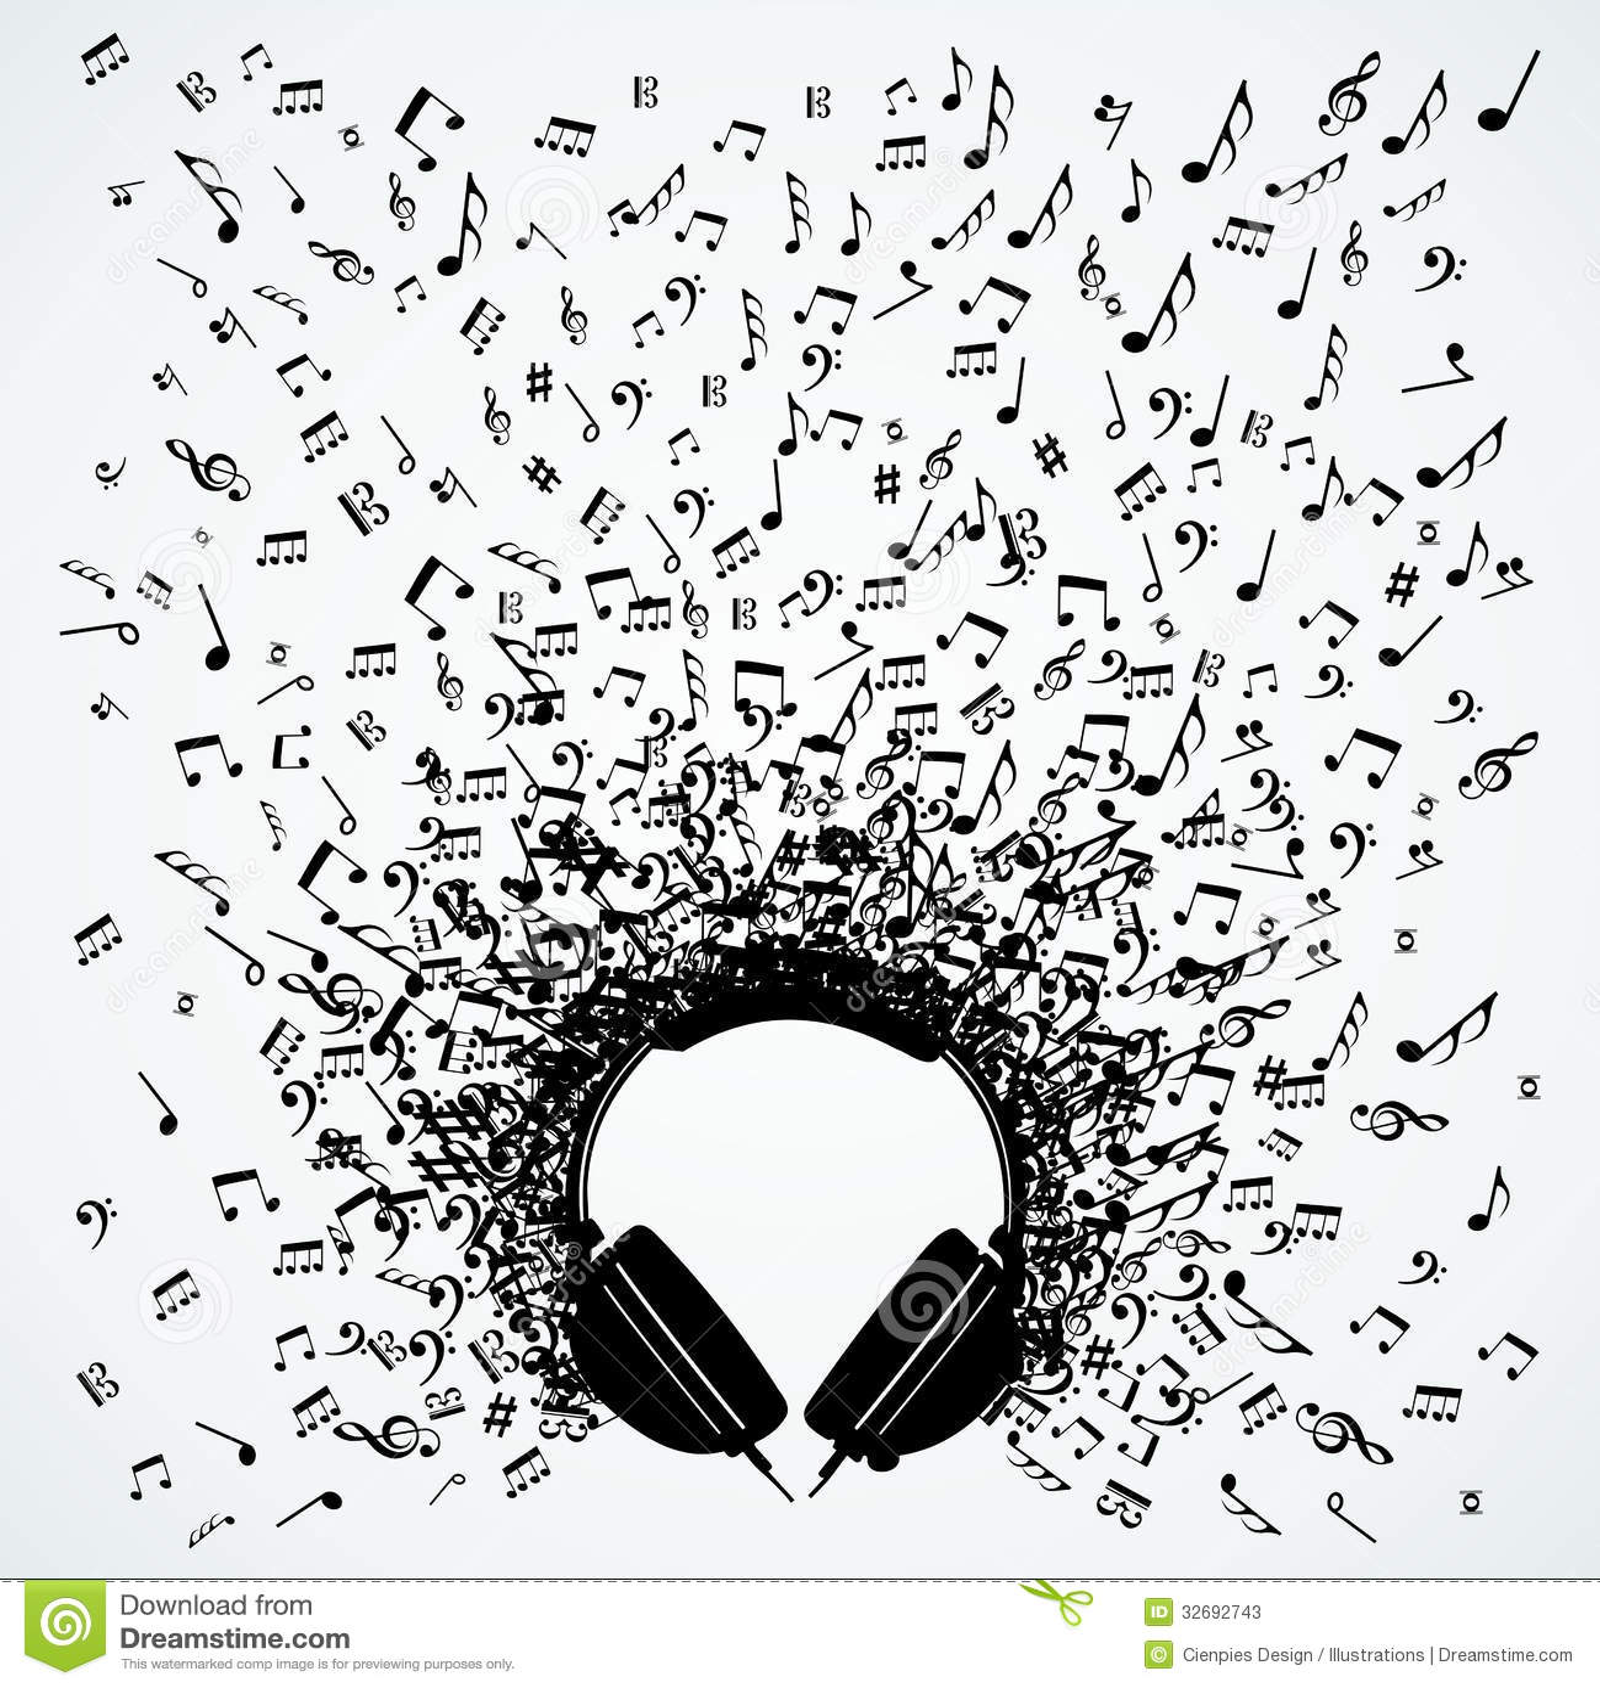 dj speaker clip art